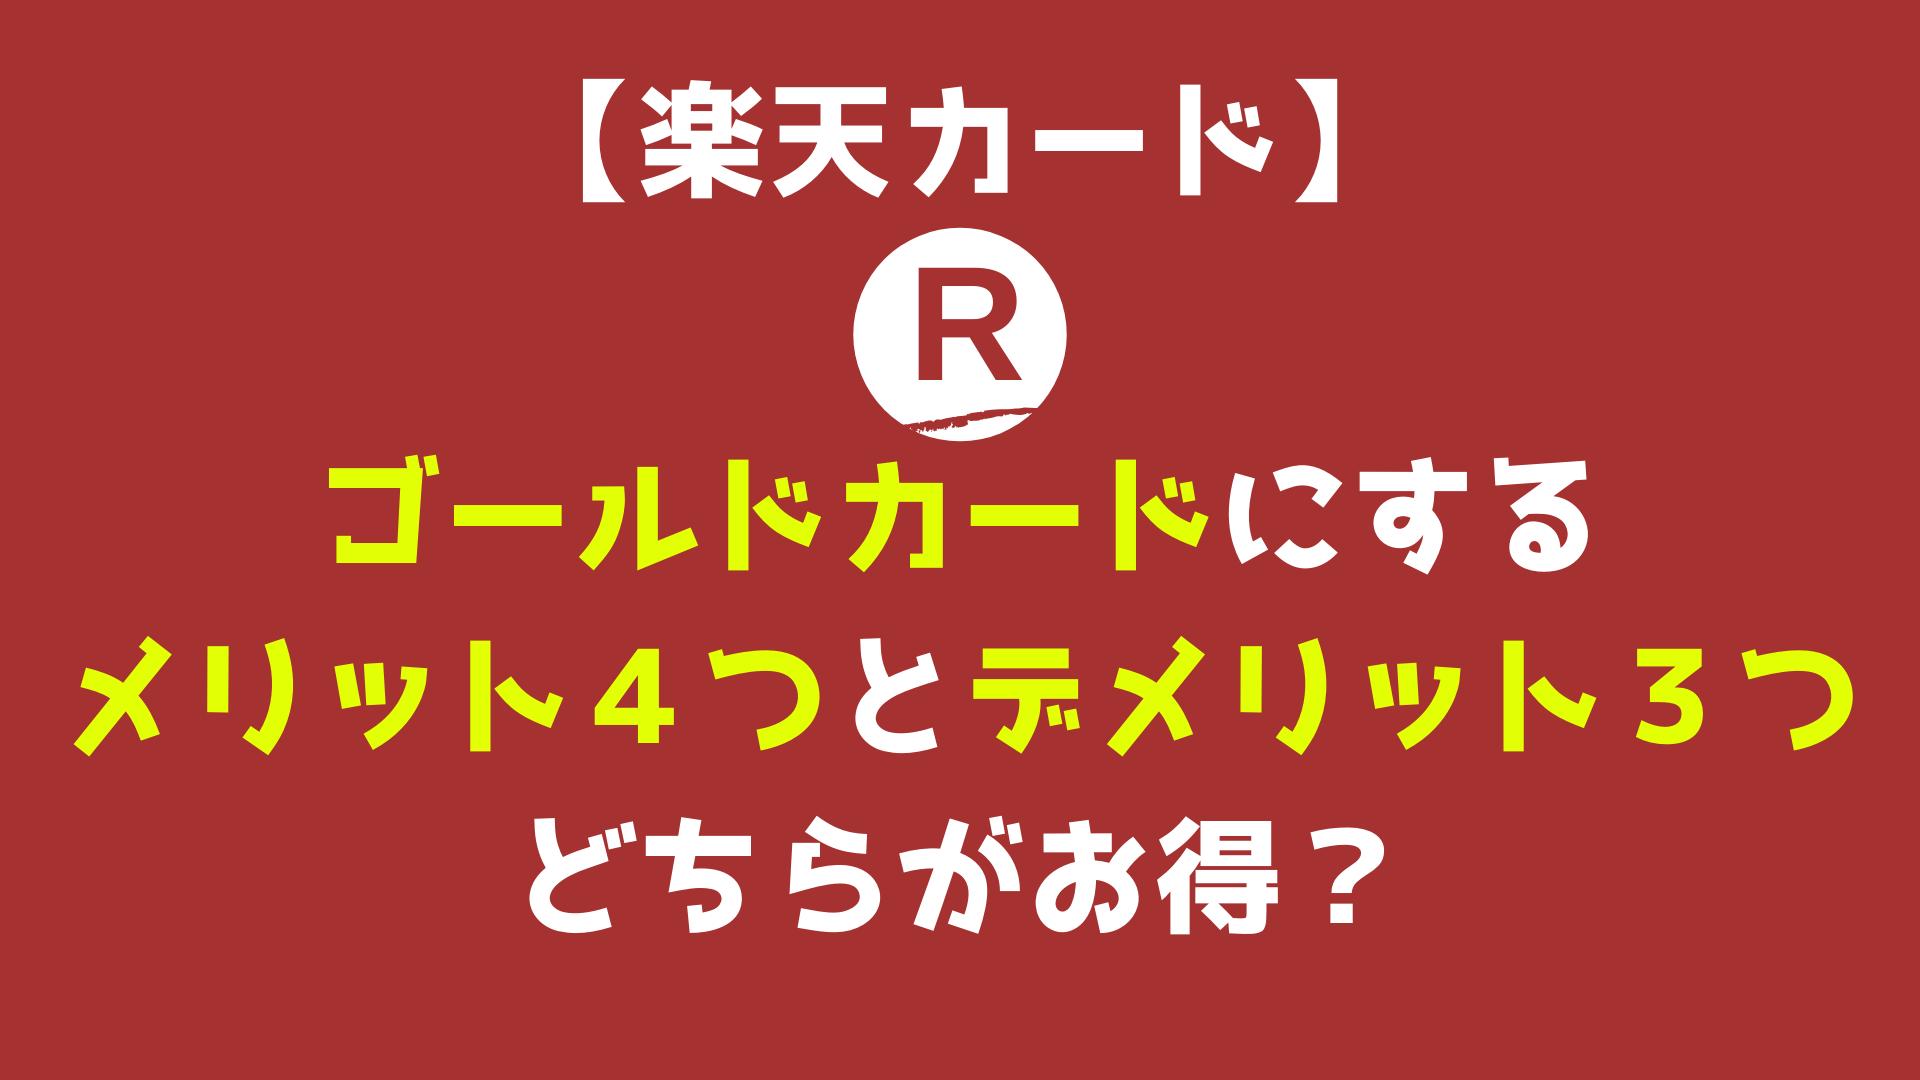 【楽天カード】ゴールドカードにするメリット4つとデメリット3つ どちらがお得?